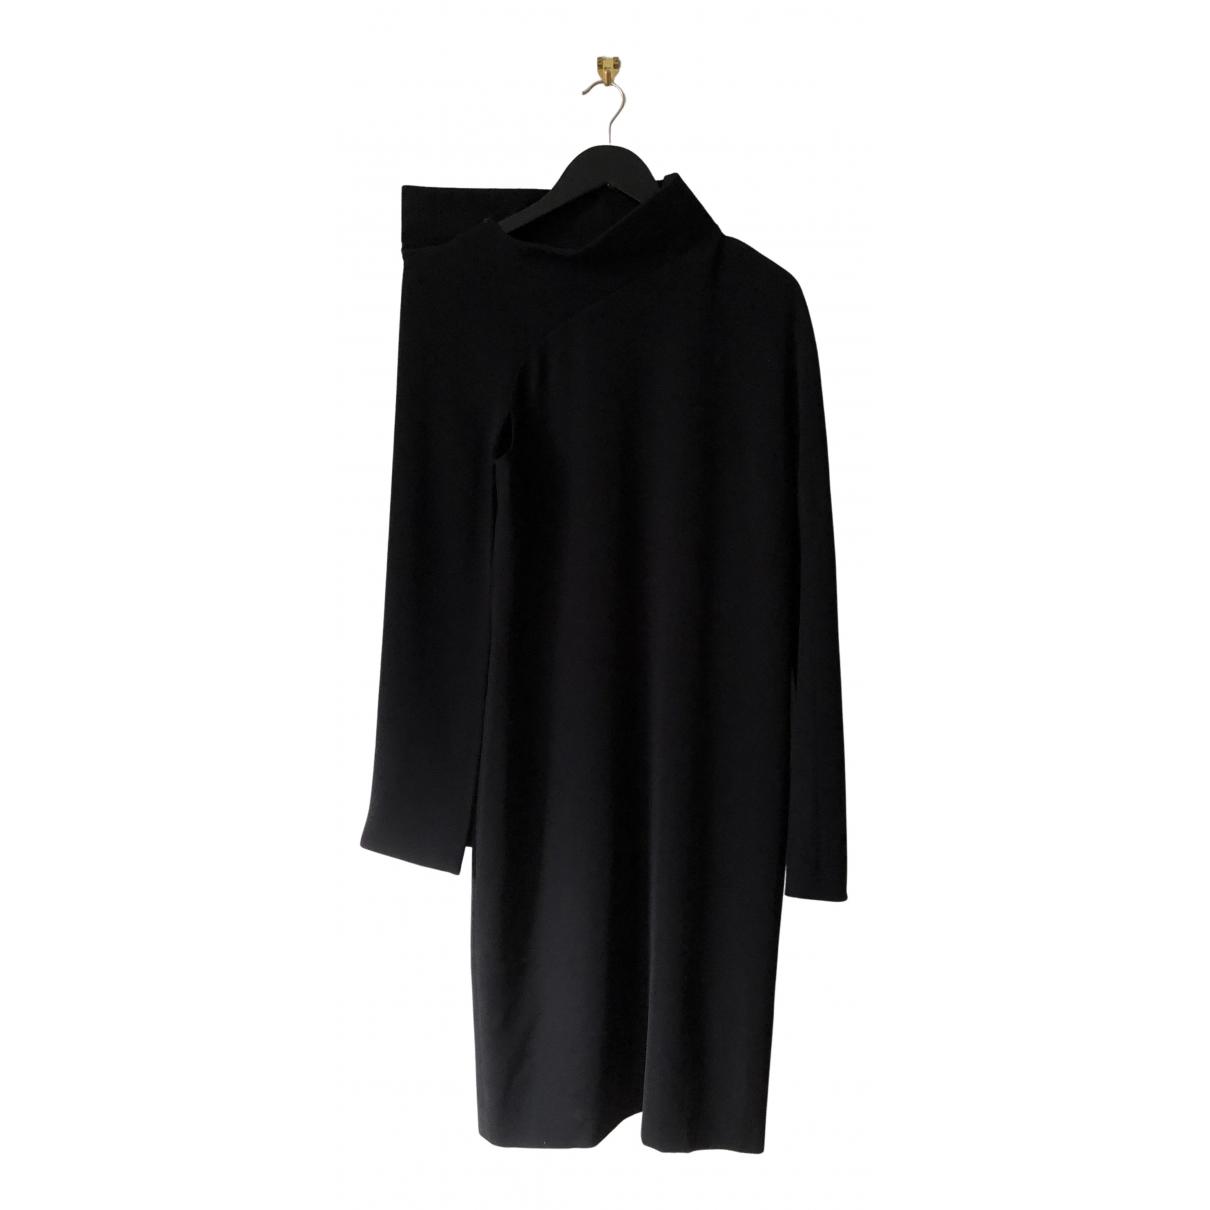 Maison Martin Margiela N Black dress for Women 42 IT